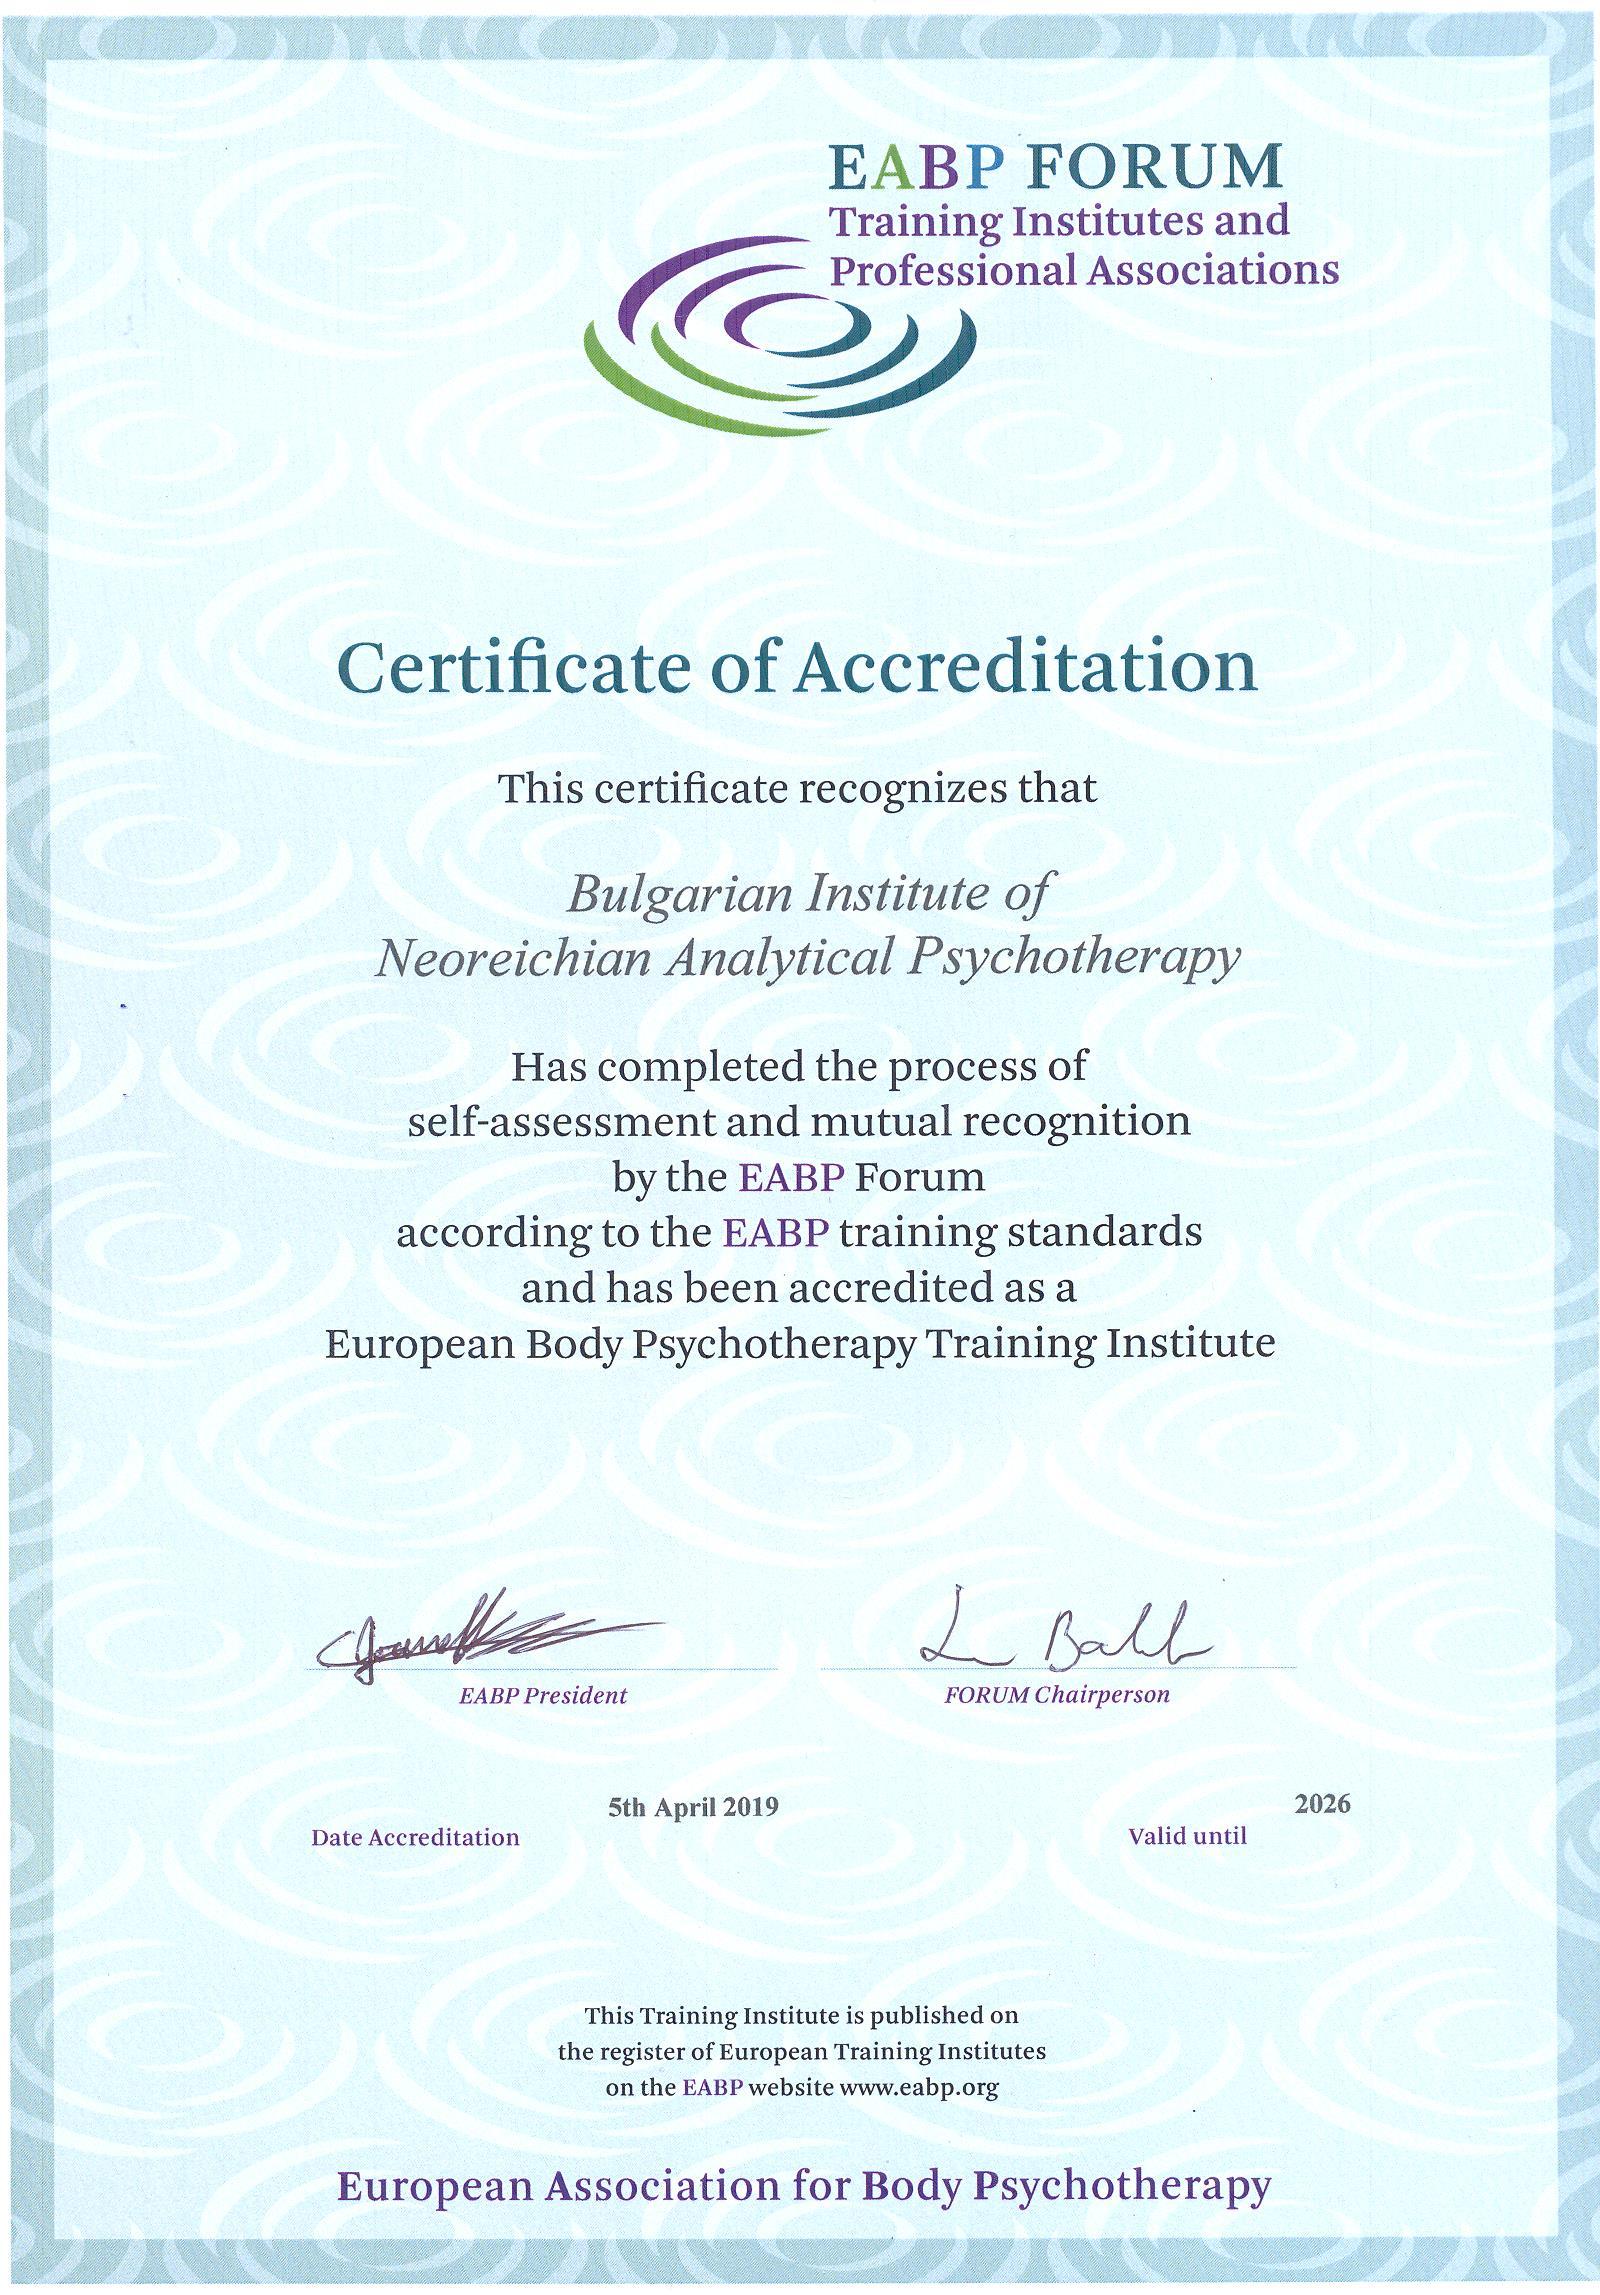 Сертификат за ре-акредитация, Април 2019 от EABP